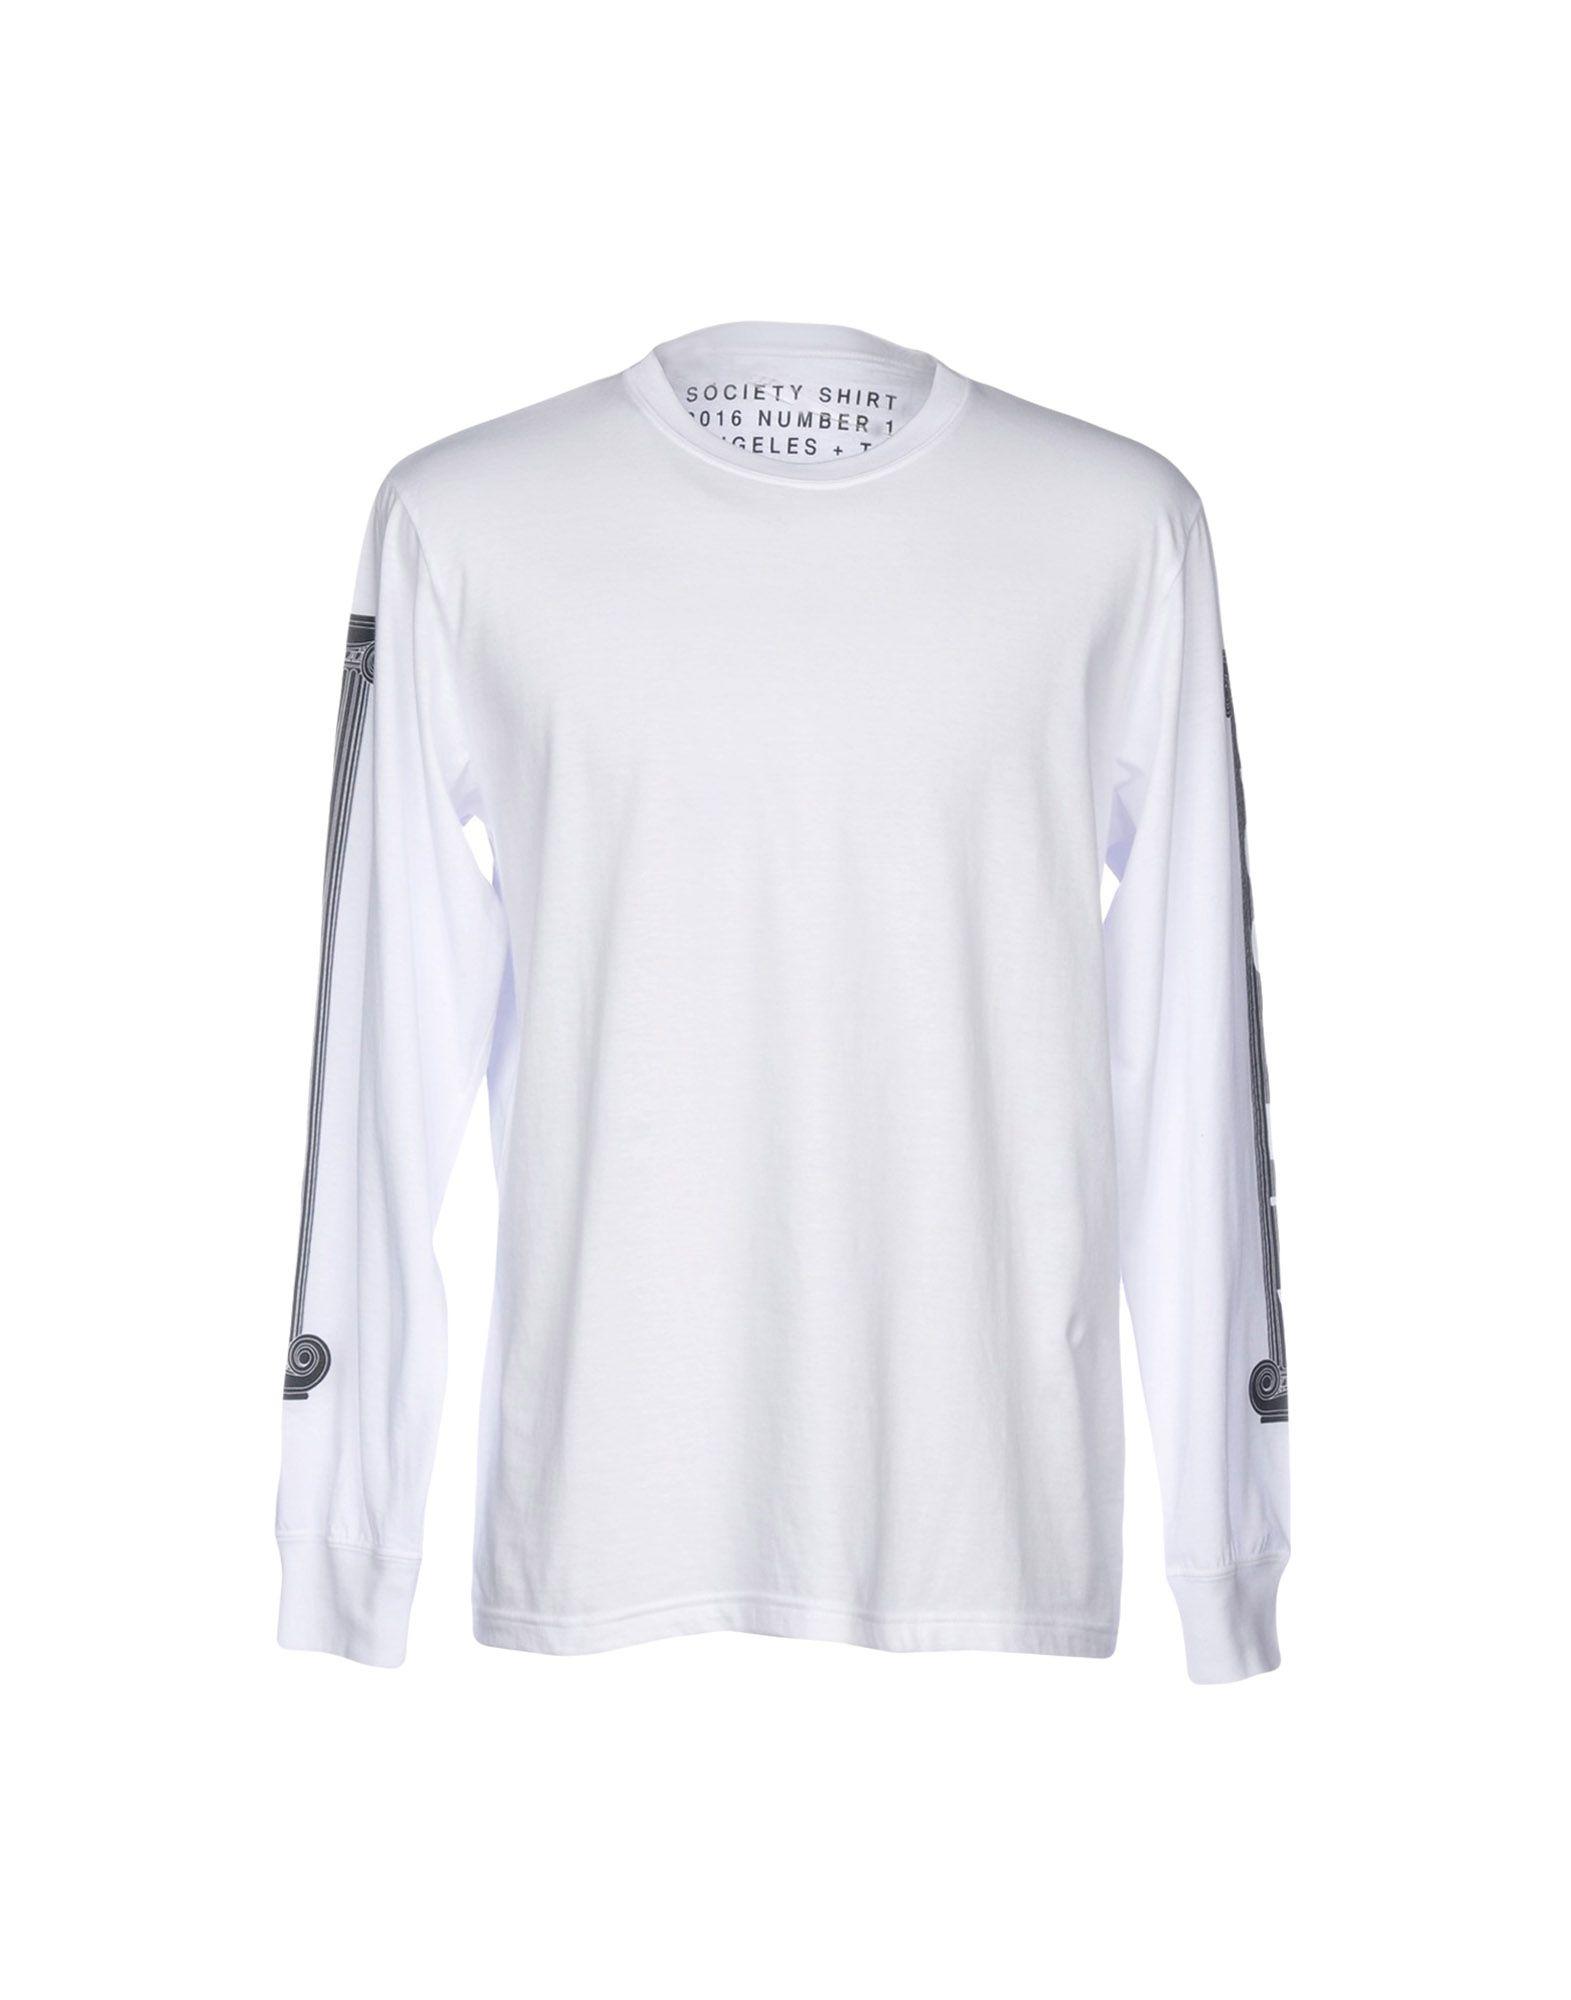 A buon mercato mercato A buon mercato mercato T-Shirt Society Uomo - 12210655WT 19bdd2